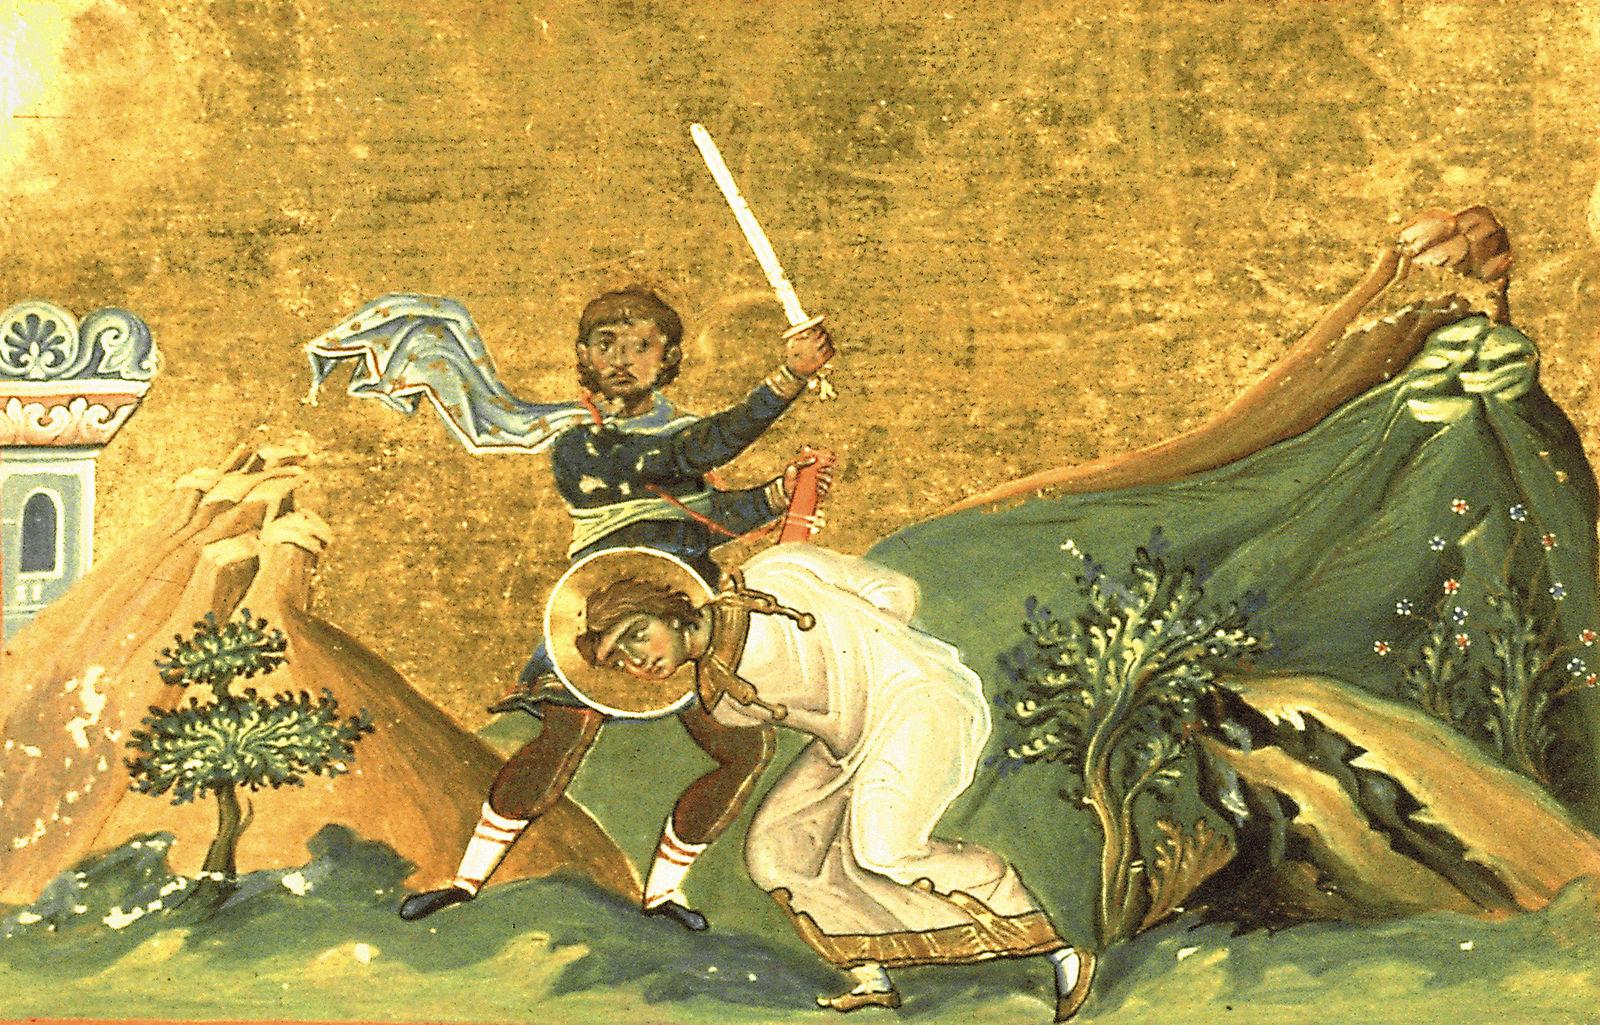 14 февраля — День Святого Трифона: что категорически запрещено делать в этот день